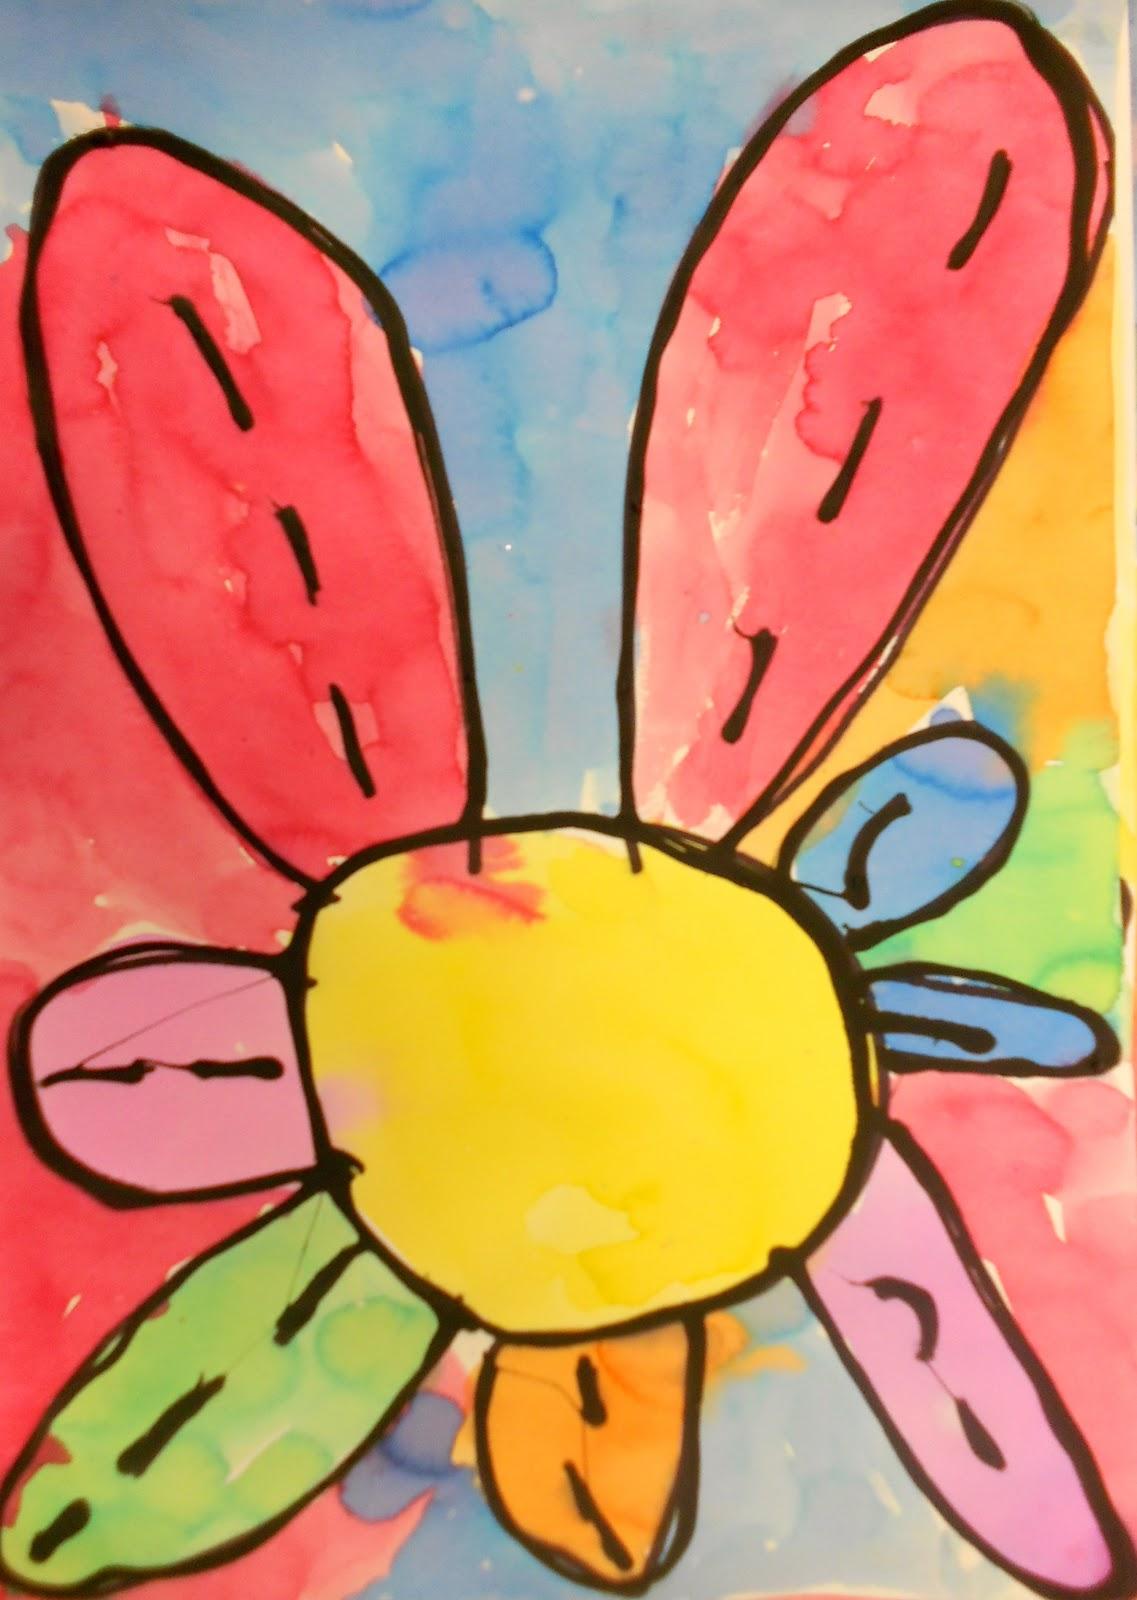 art eat tie dye repeat kindergarten georgia o u0027keeffe flowers